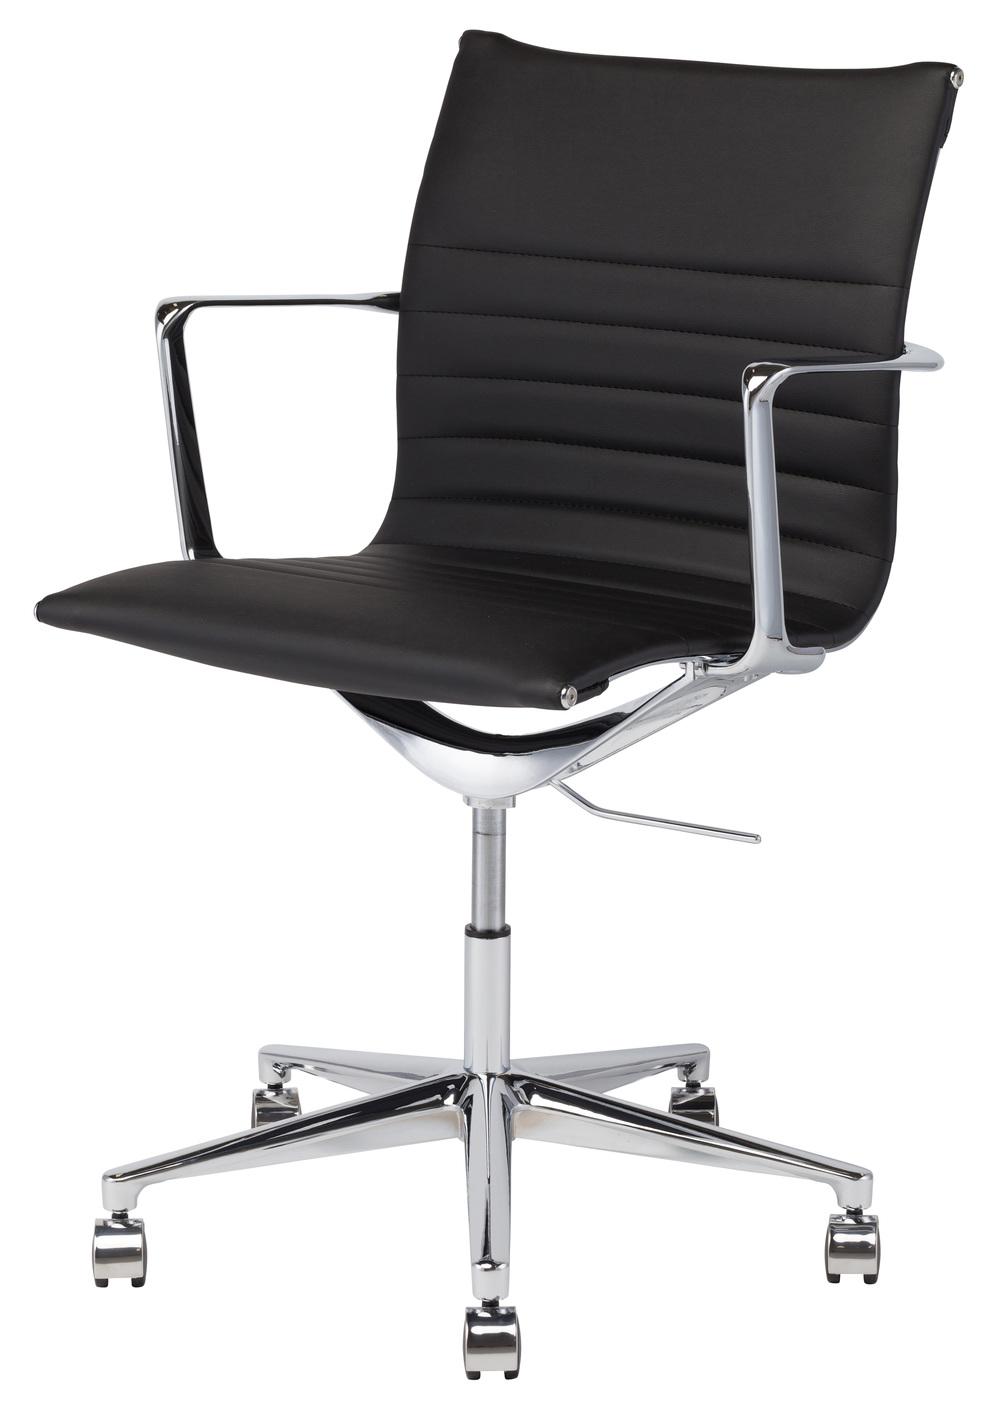 Nuevo - Antonio Office Chair